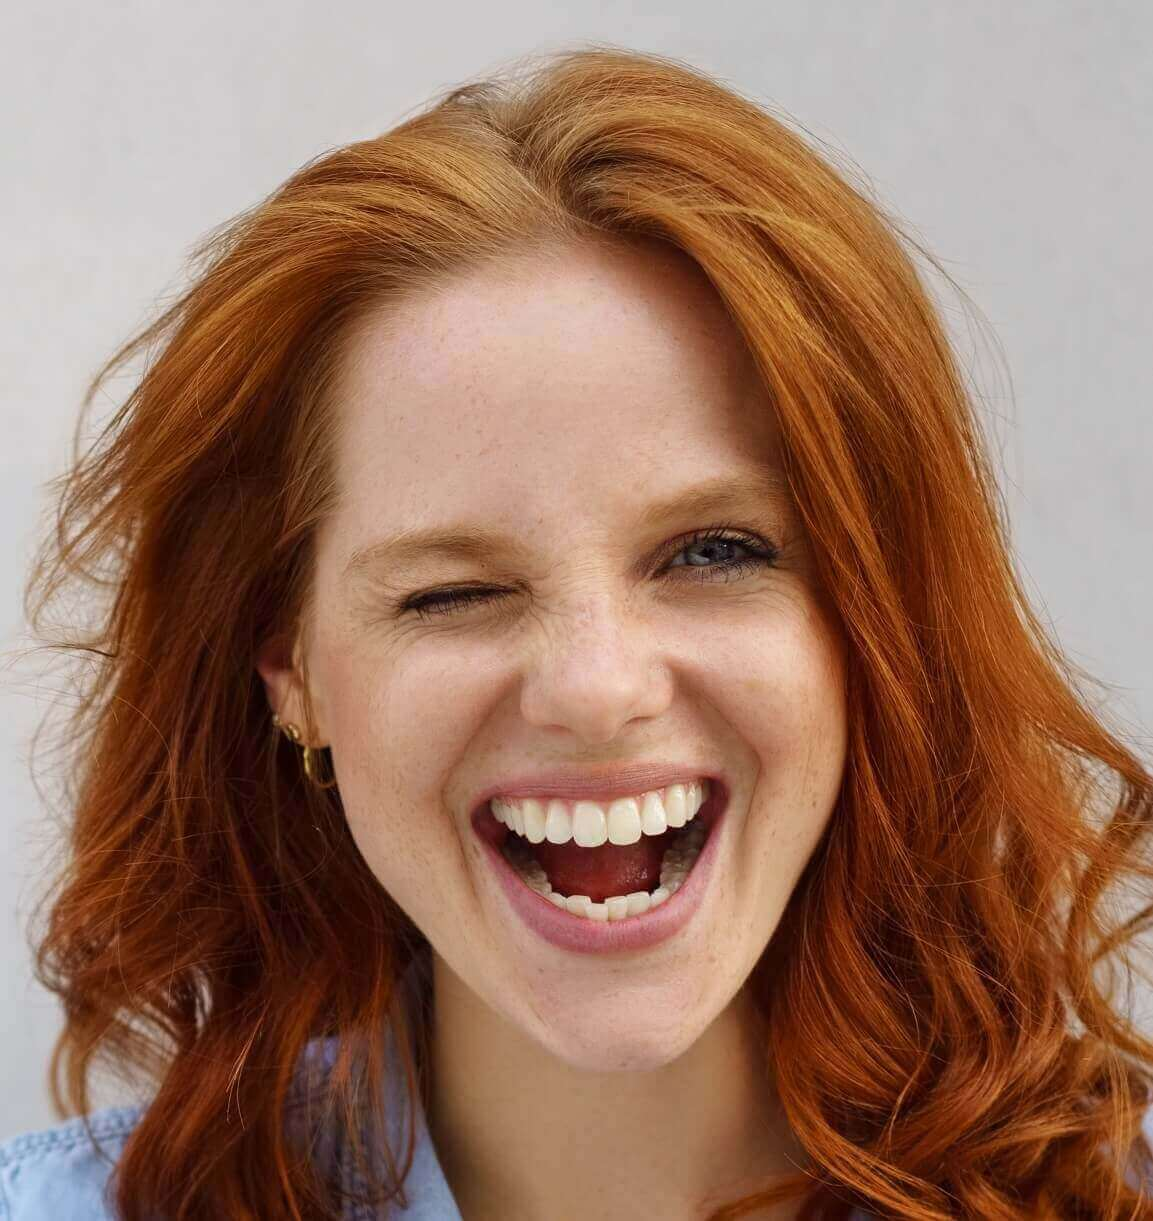 donna, ragazza, rossa, capelli, occhiolino, sorriso, occhi, pelle, lentiggini, 30 anni, dermatologia, rughe, espressione, viso, volto